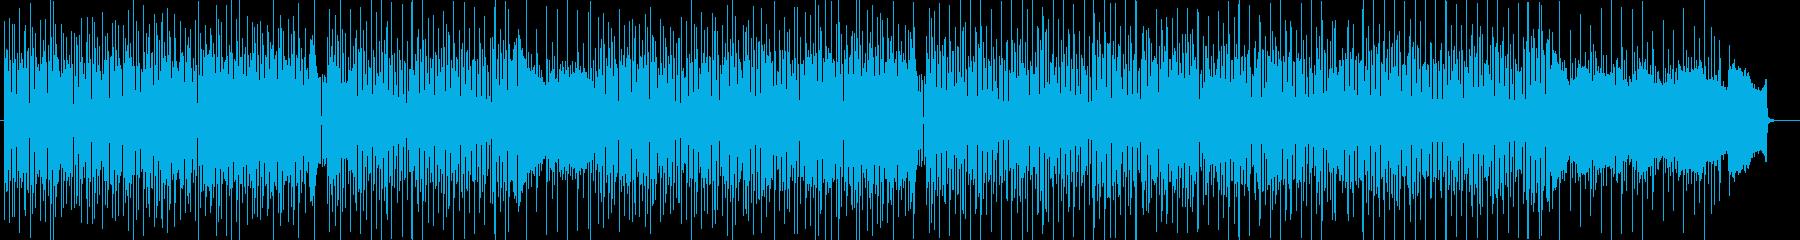 情報番組BGM系シンセサイザーポップスの再生済みの波形